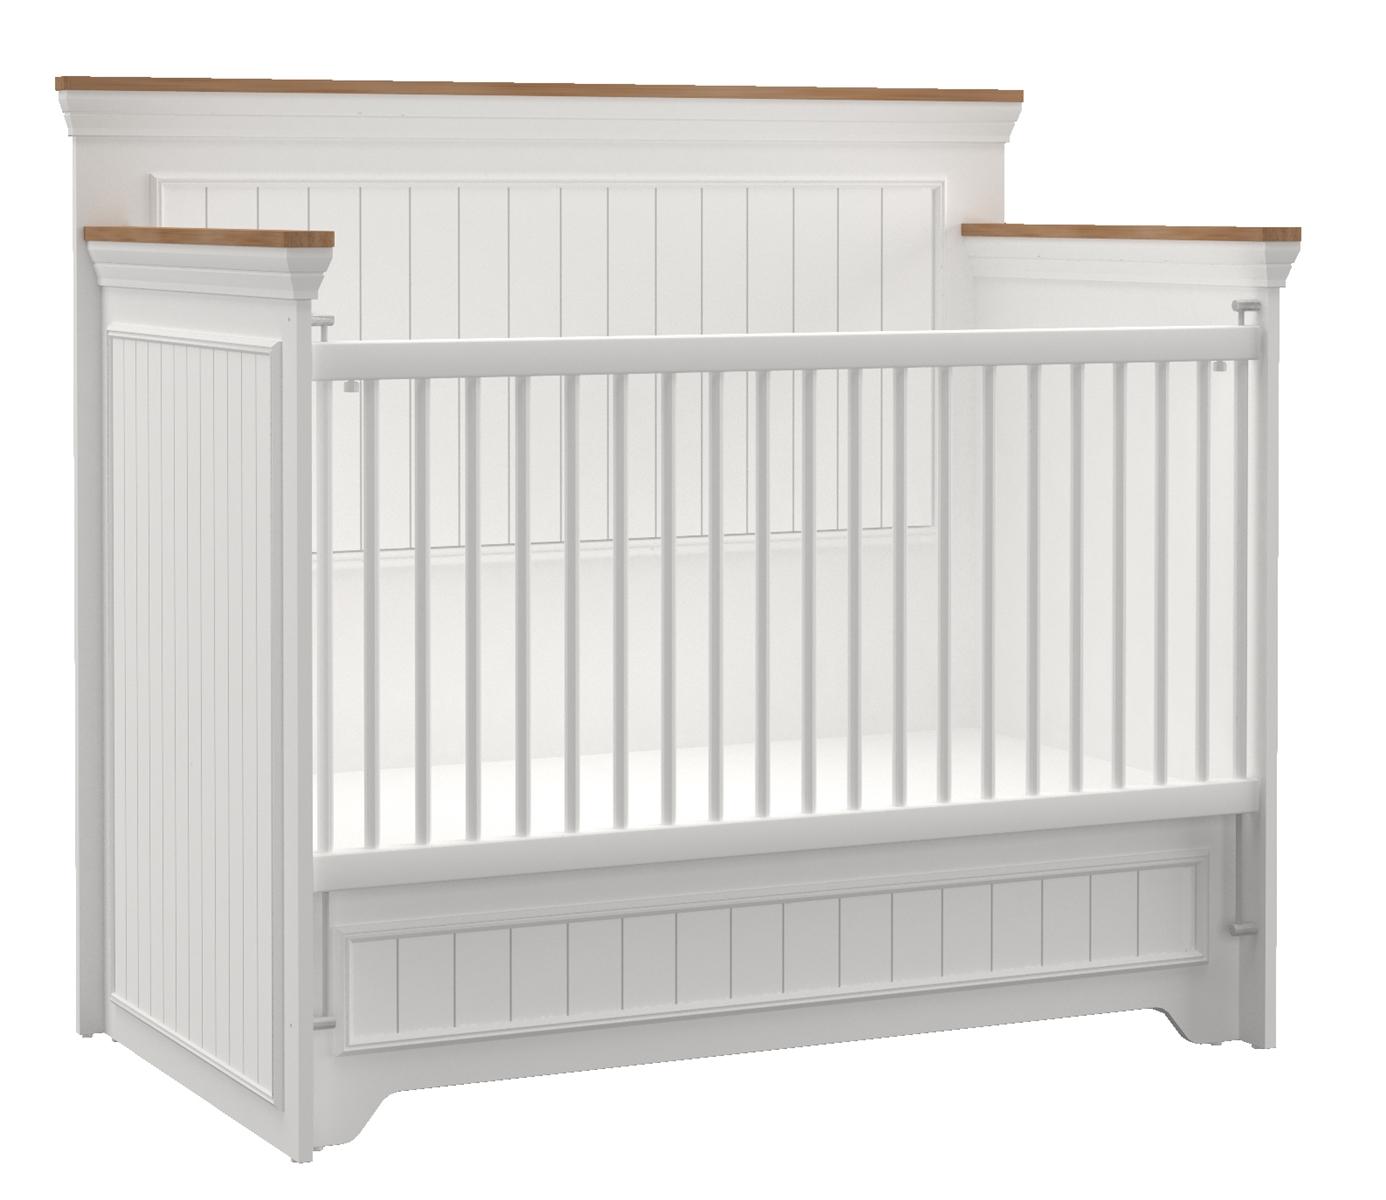 Almila Gitterbett Baby Monte 70x130 cm Creme